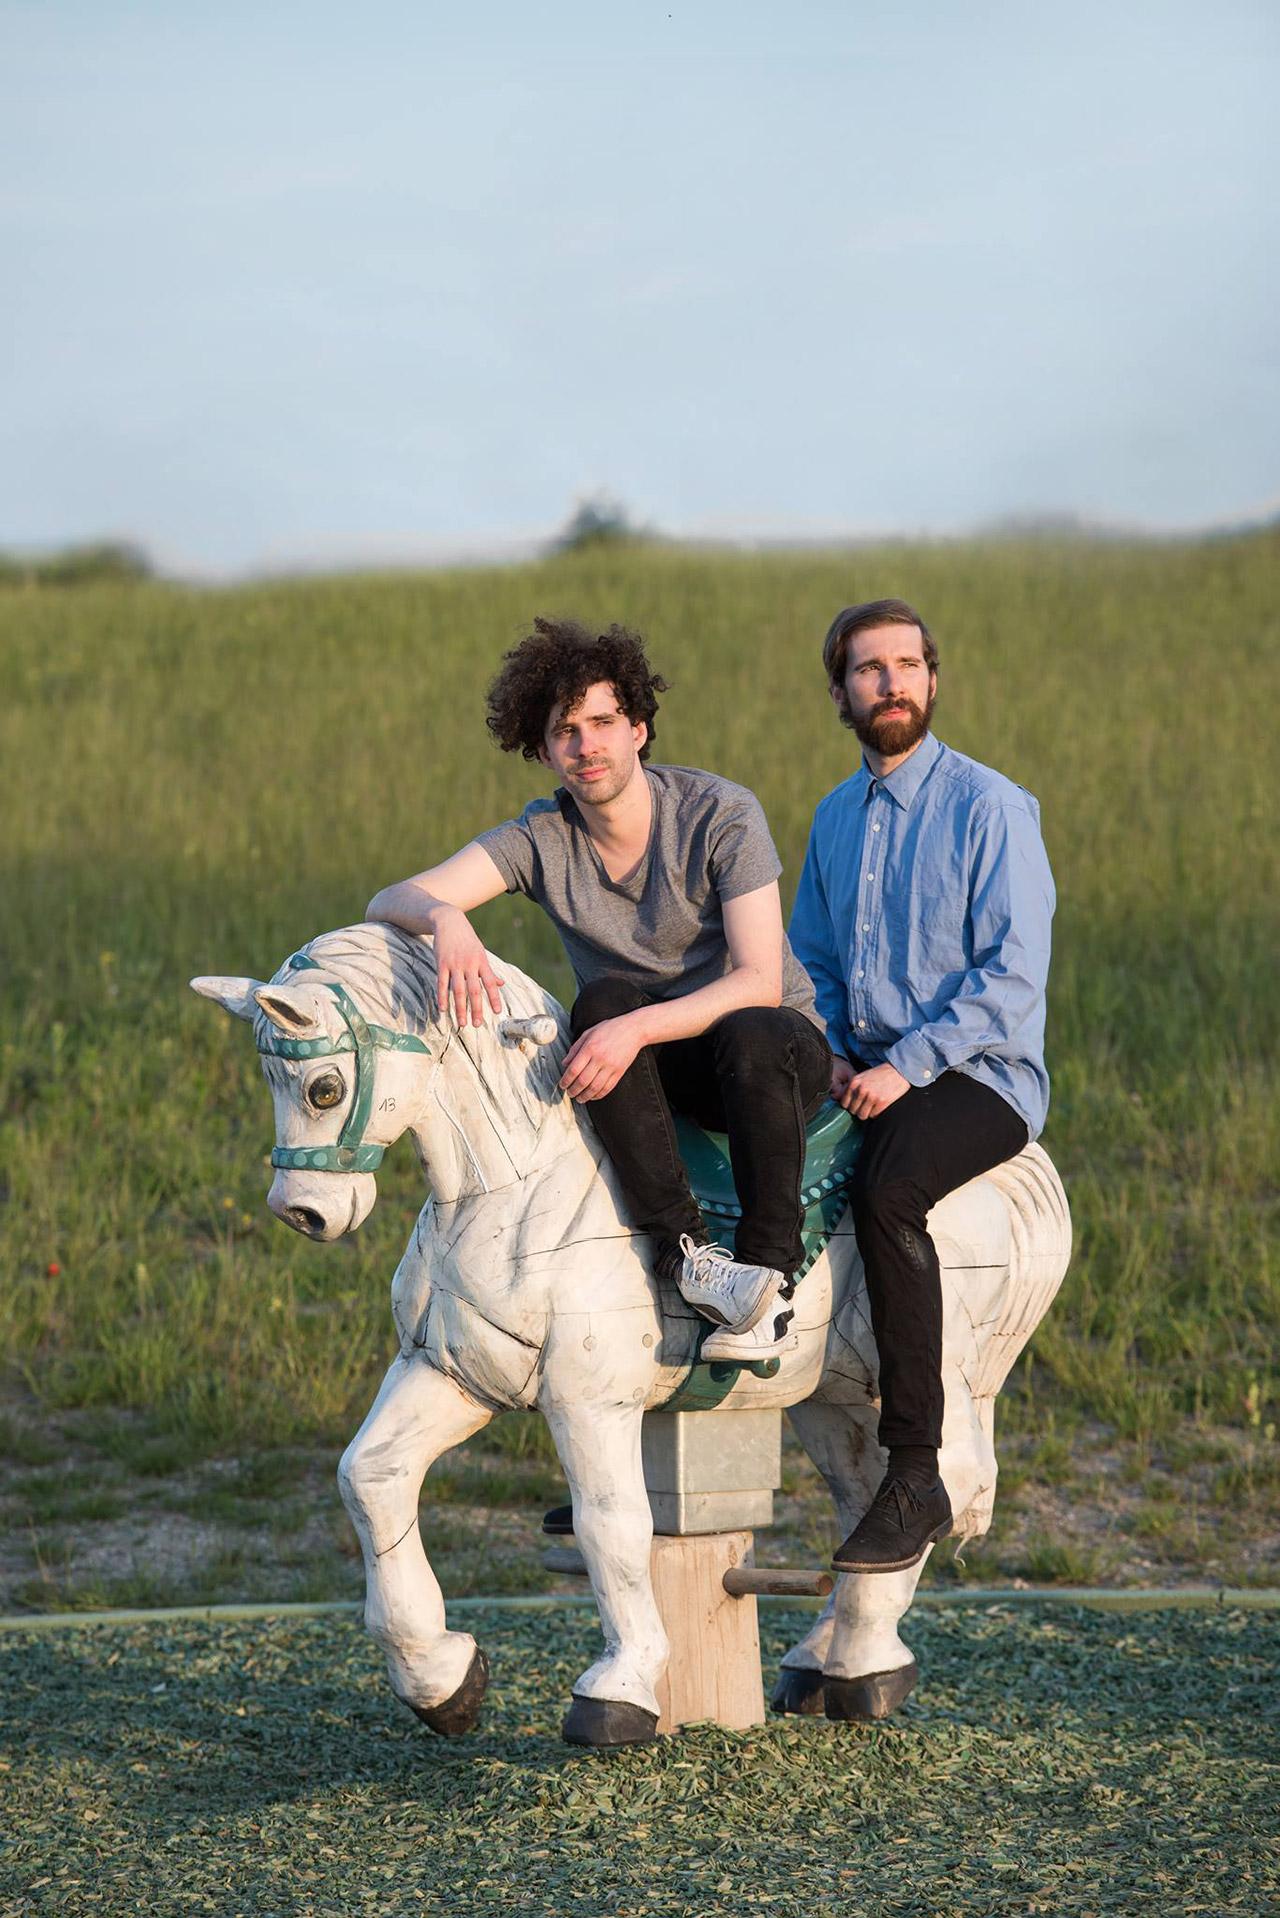 Zwei Männer auf einem Holzpferd